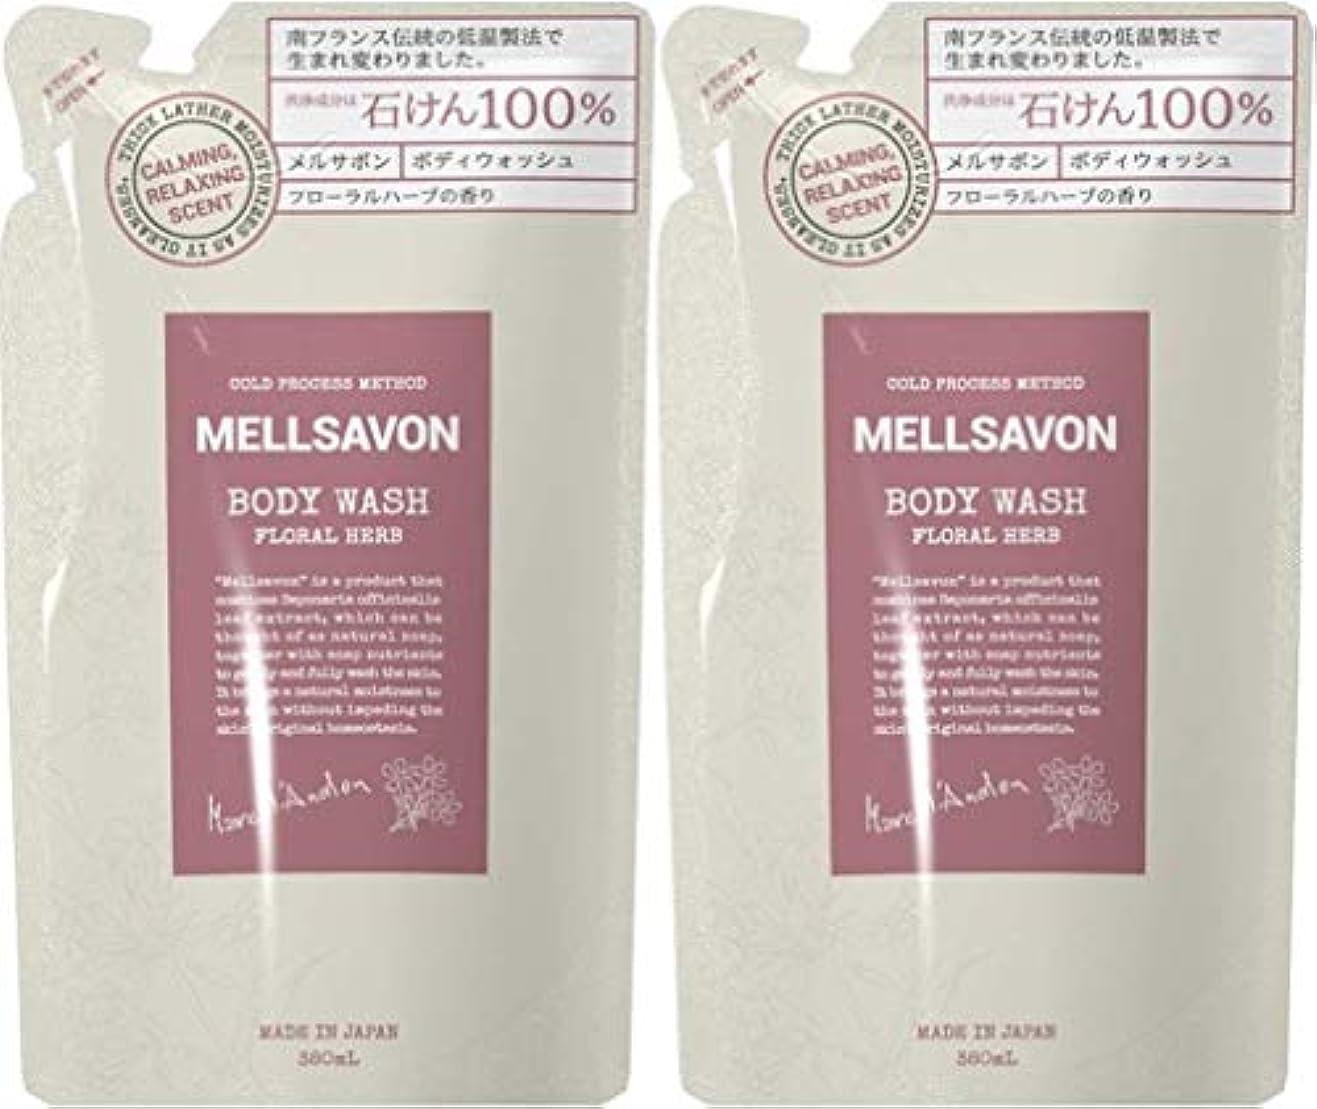 いっぱいこどもの日自分のために【2個セット】MELLSAVON(メルサボン) ボディウォッシュ フローラルハーブ 〈詰替〉 (380mL)